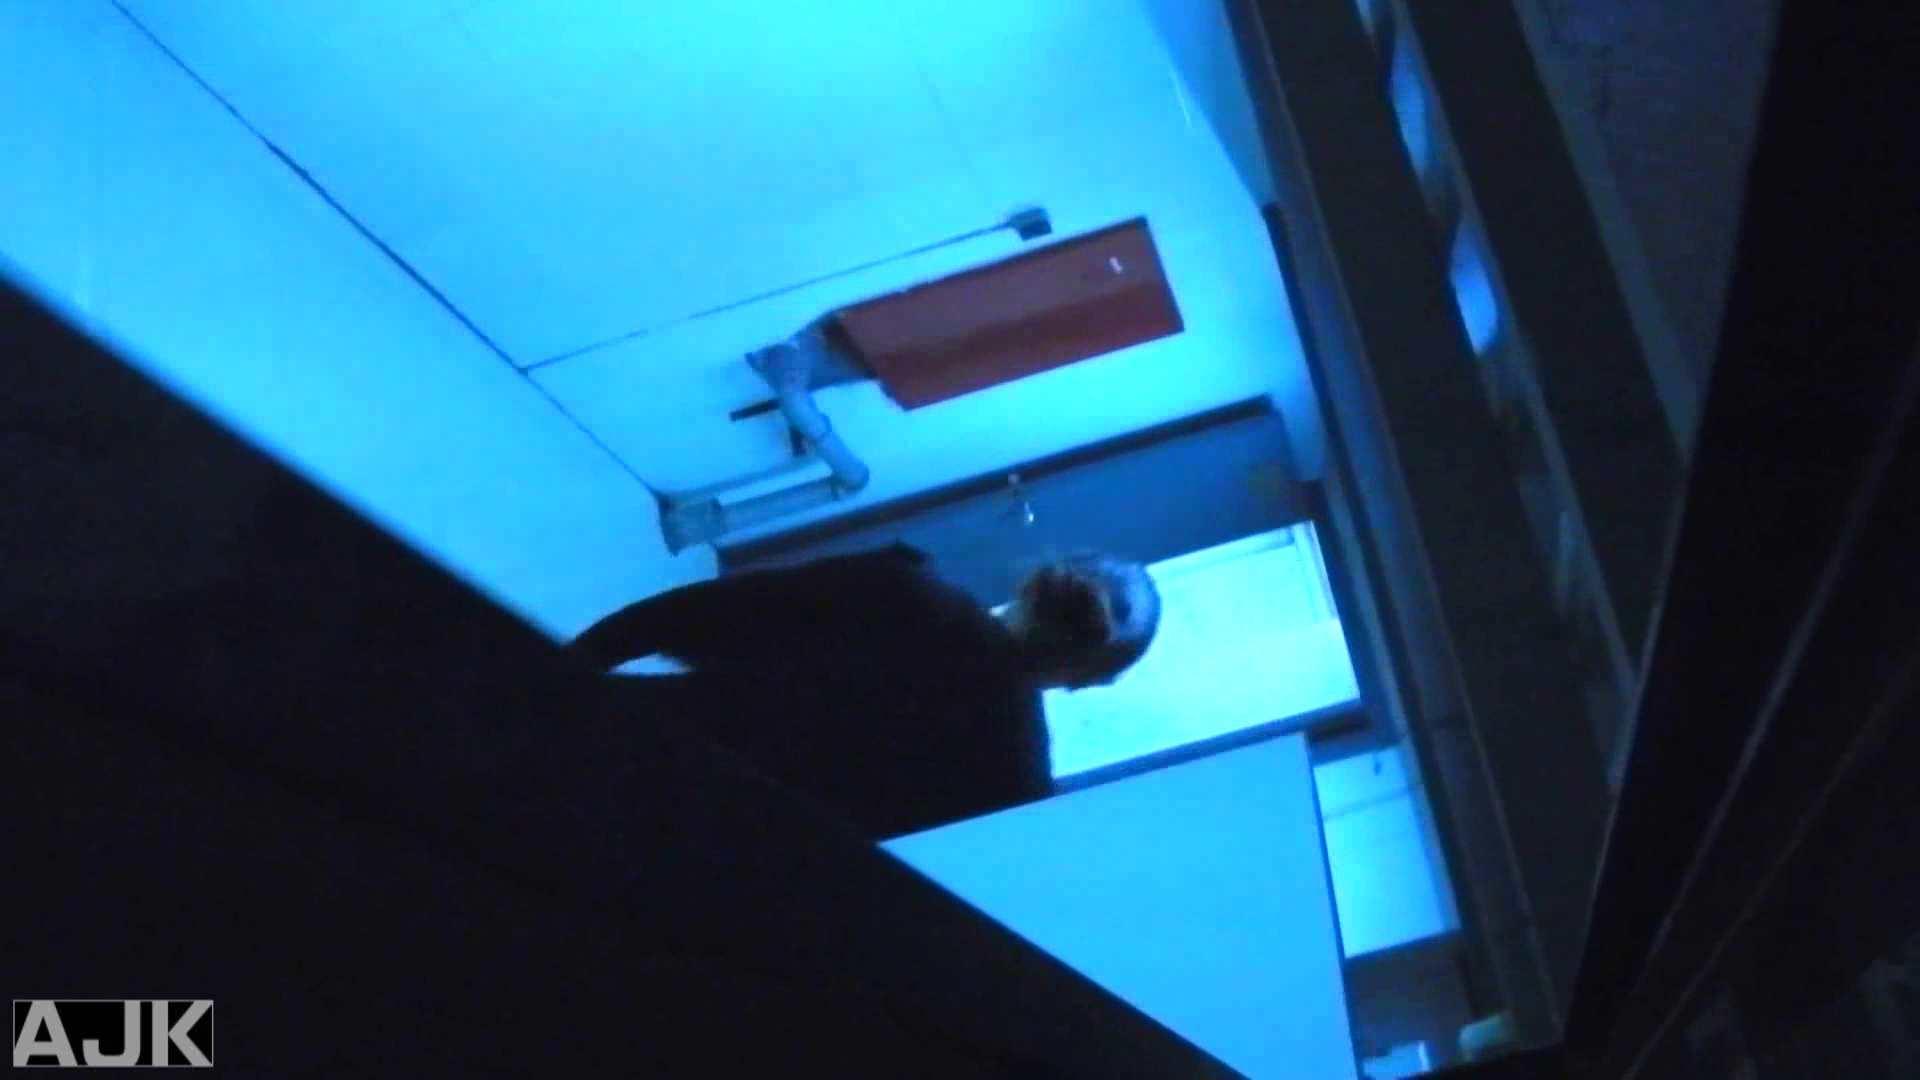 隣国上階級エリアの令嬢たちが集うデパートお手洗い Vol.21 おまんこ われめAV動画紹介 93画像 76